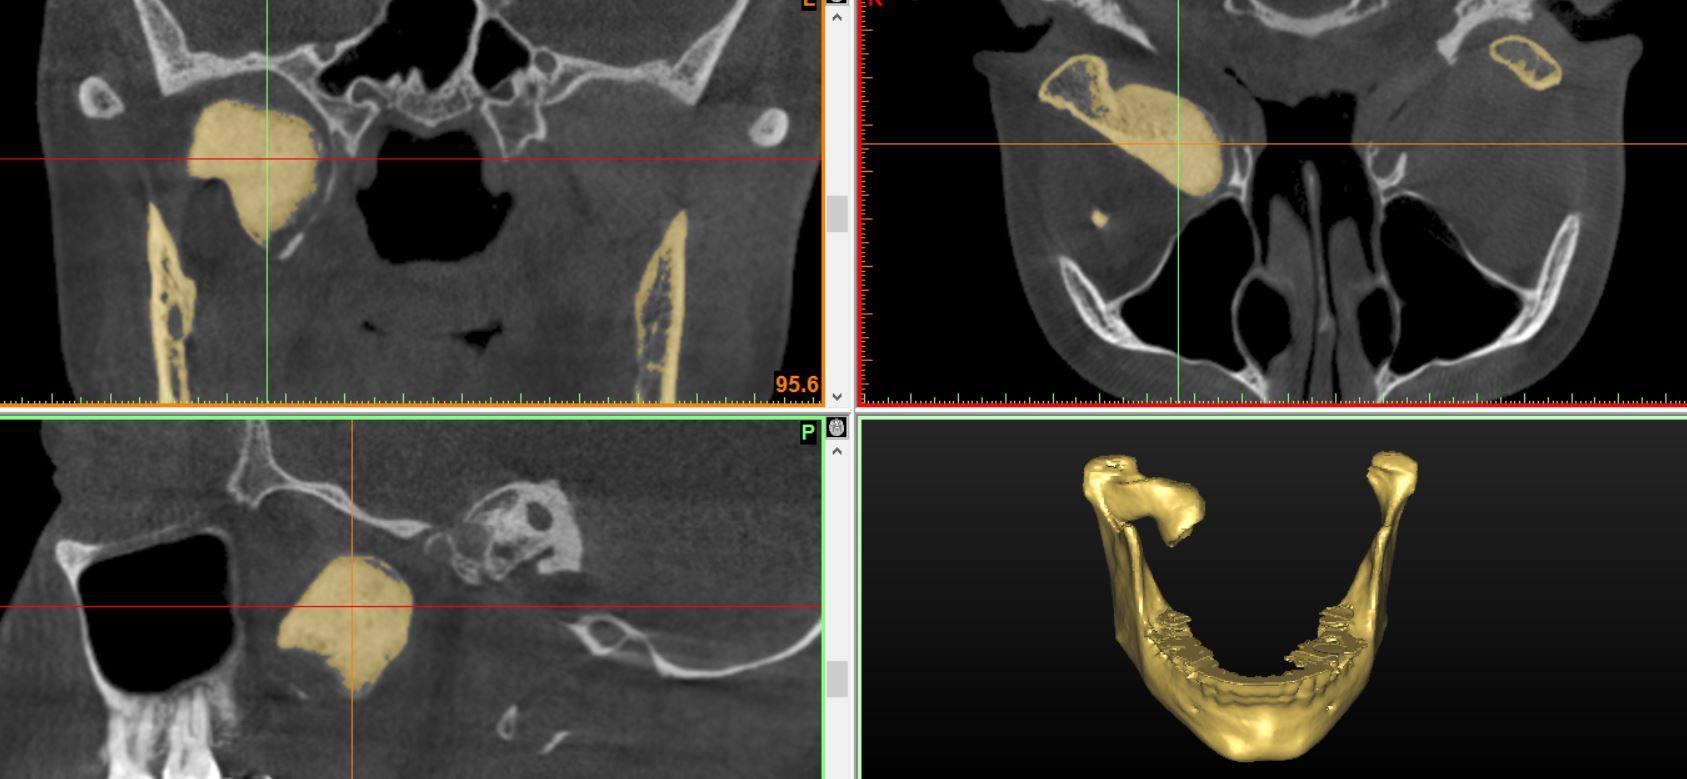 остеома мыщелкового отростка